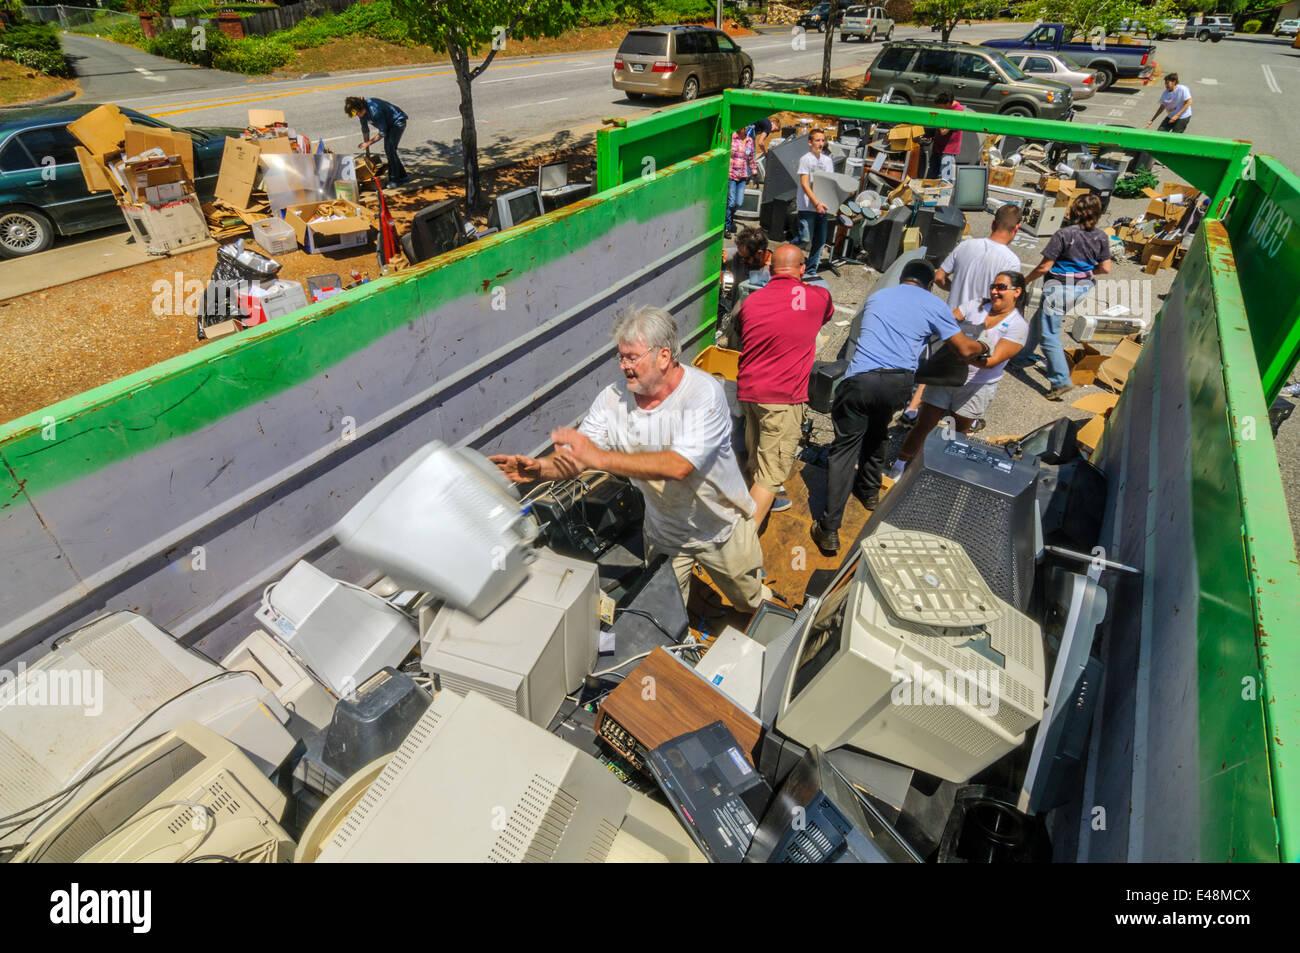 Los voluntarios ayudando en la recolección de residuos electrónicos - Comunidad de recaudación de Imagen De Stock